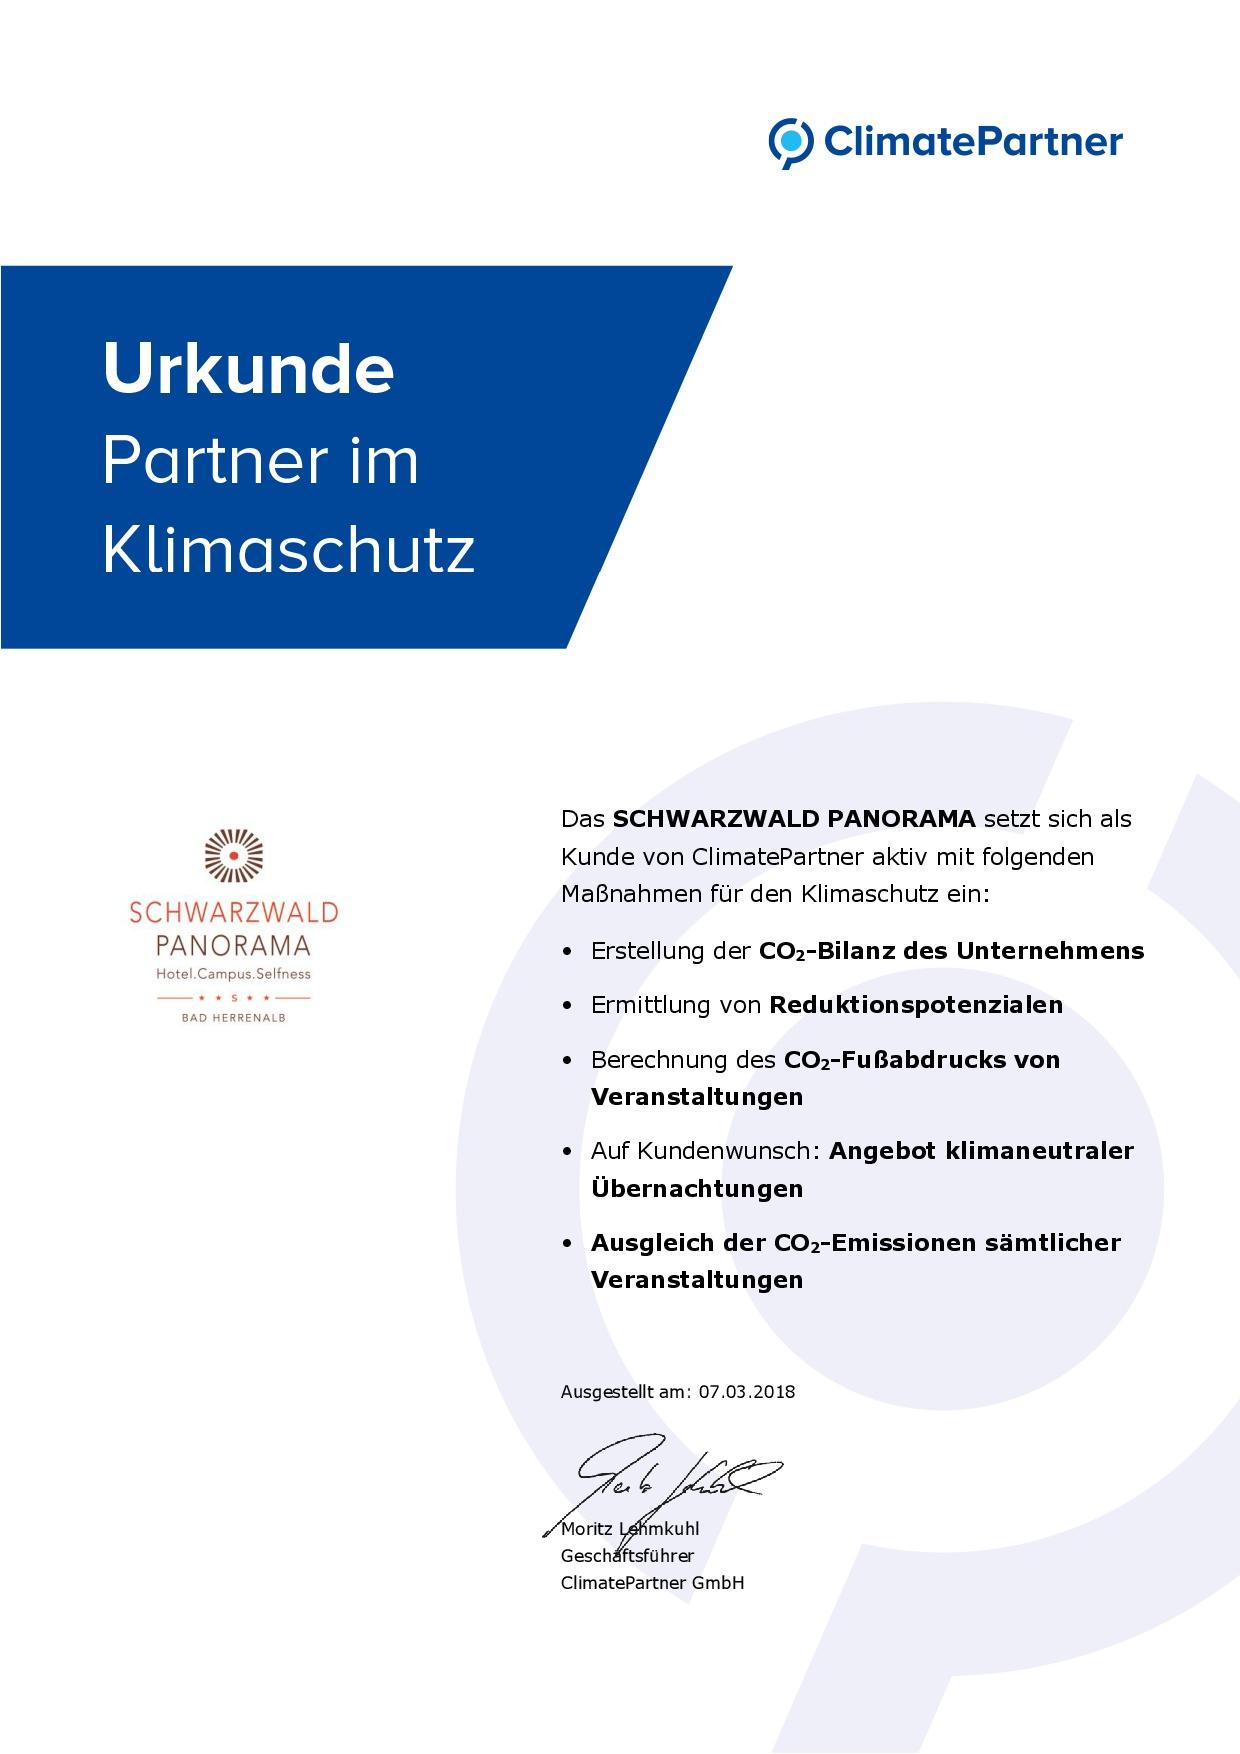 Zertifikat ClimatePartner für Schwarzwald Panorama Partner im Klimaschutz 2018